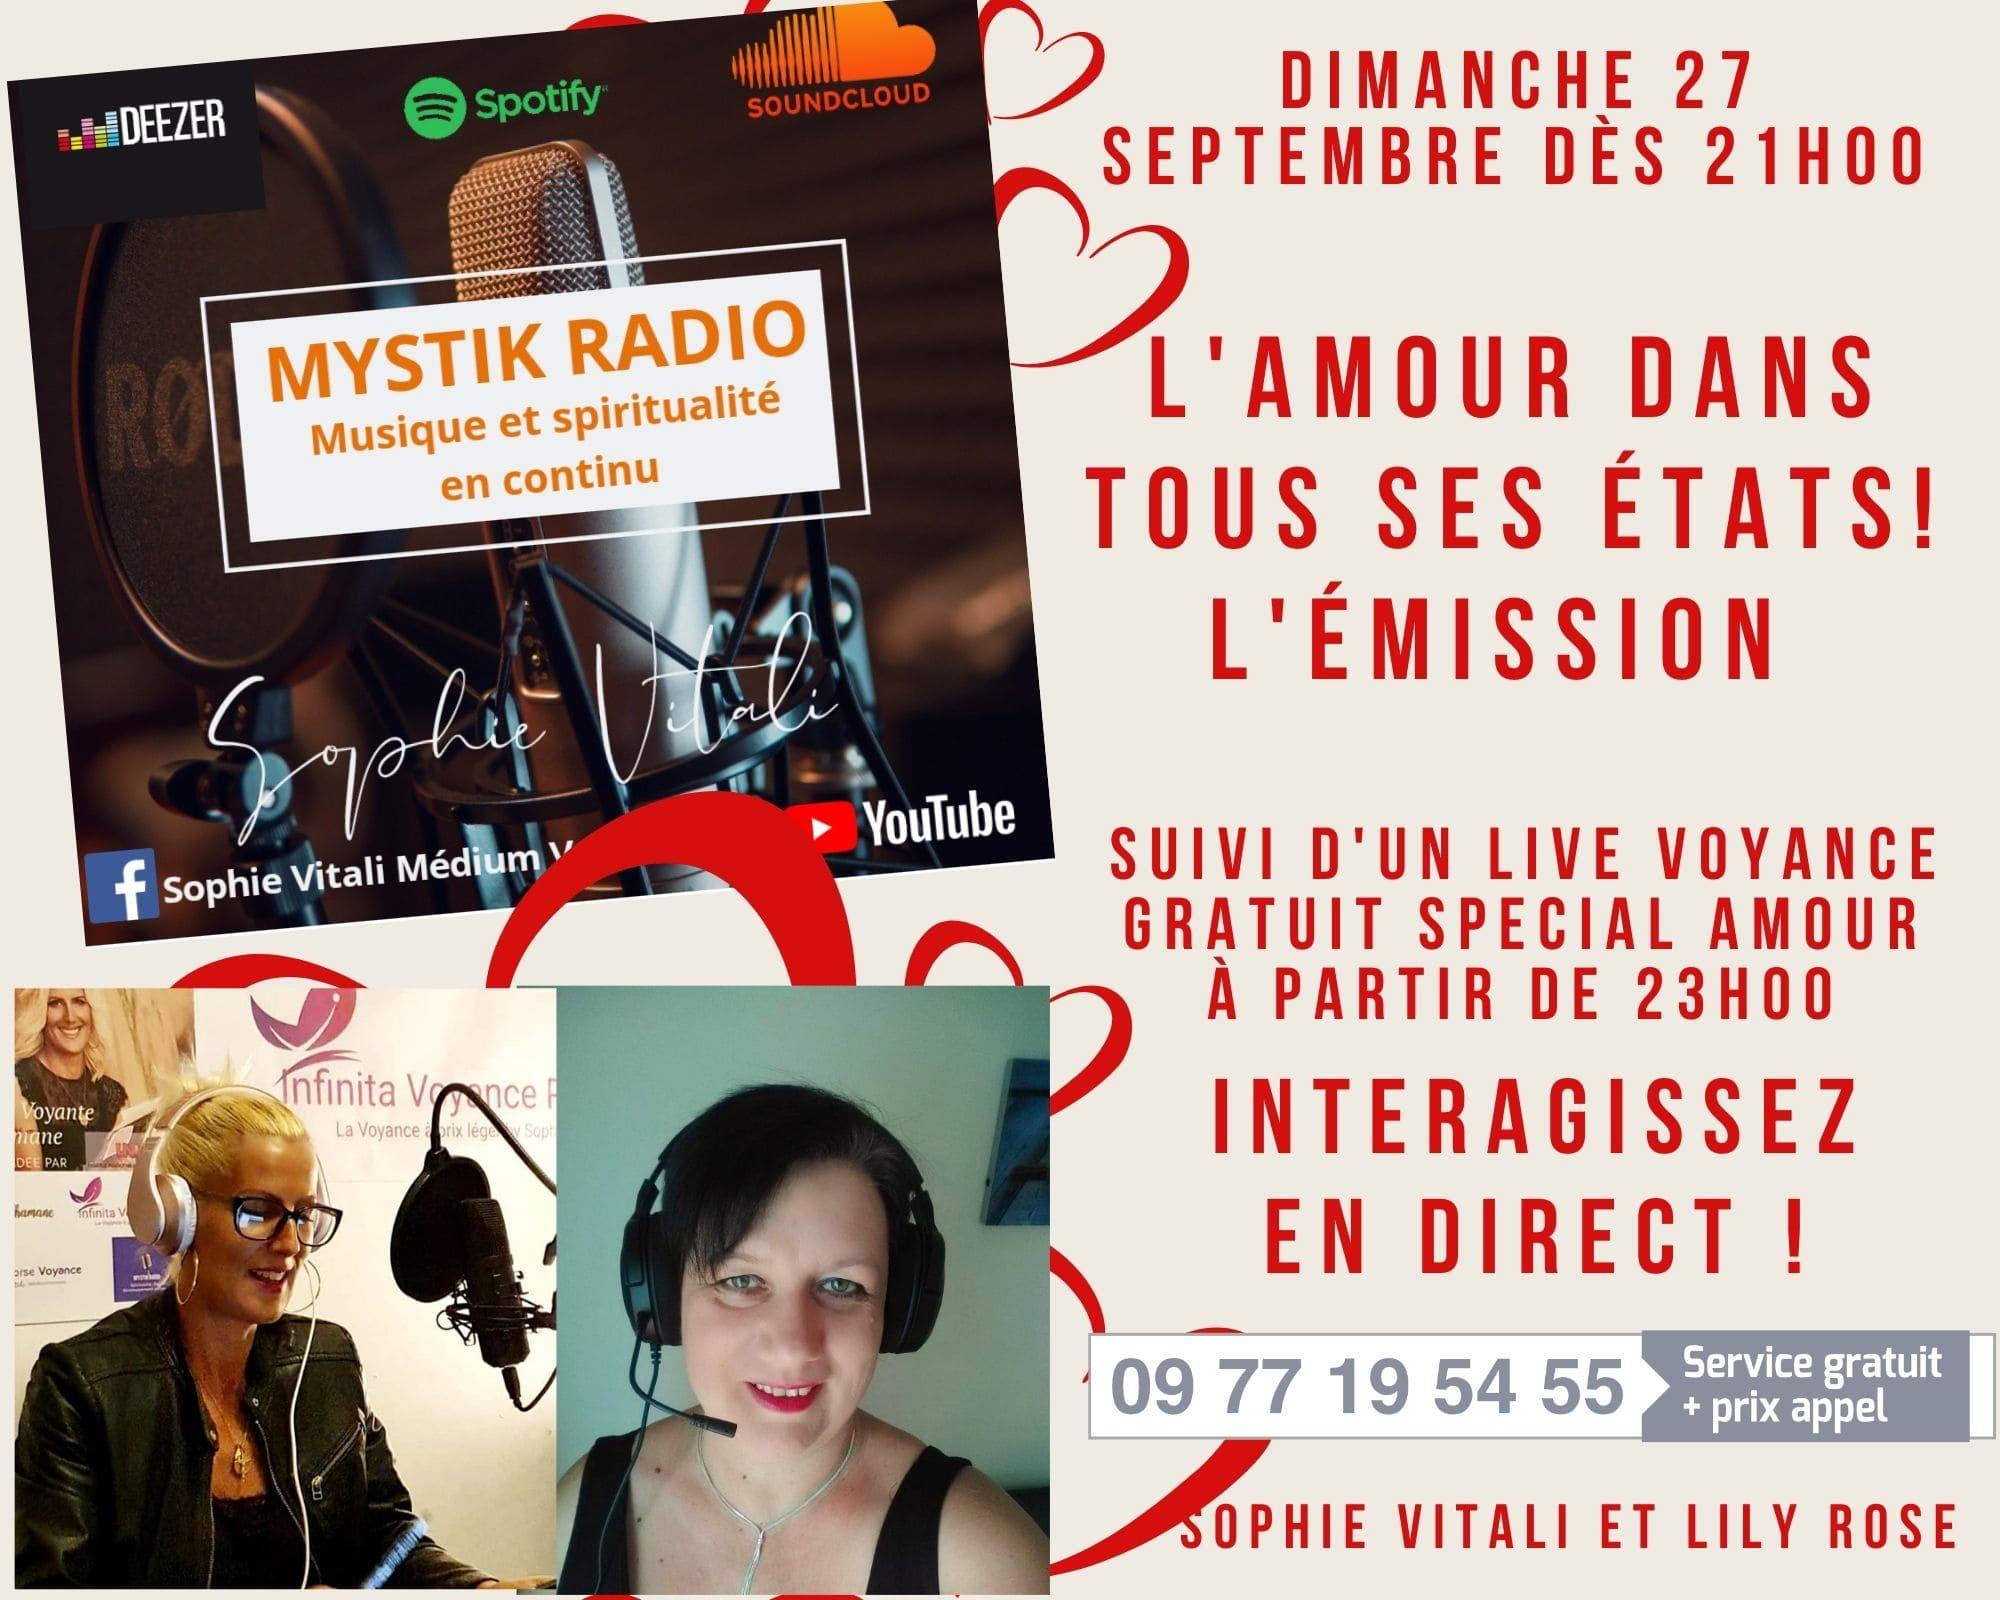 L'amour dans tous ses états ! L'émission en direct sur Mystik Radio